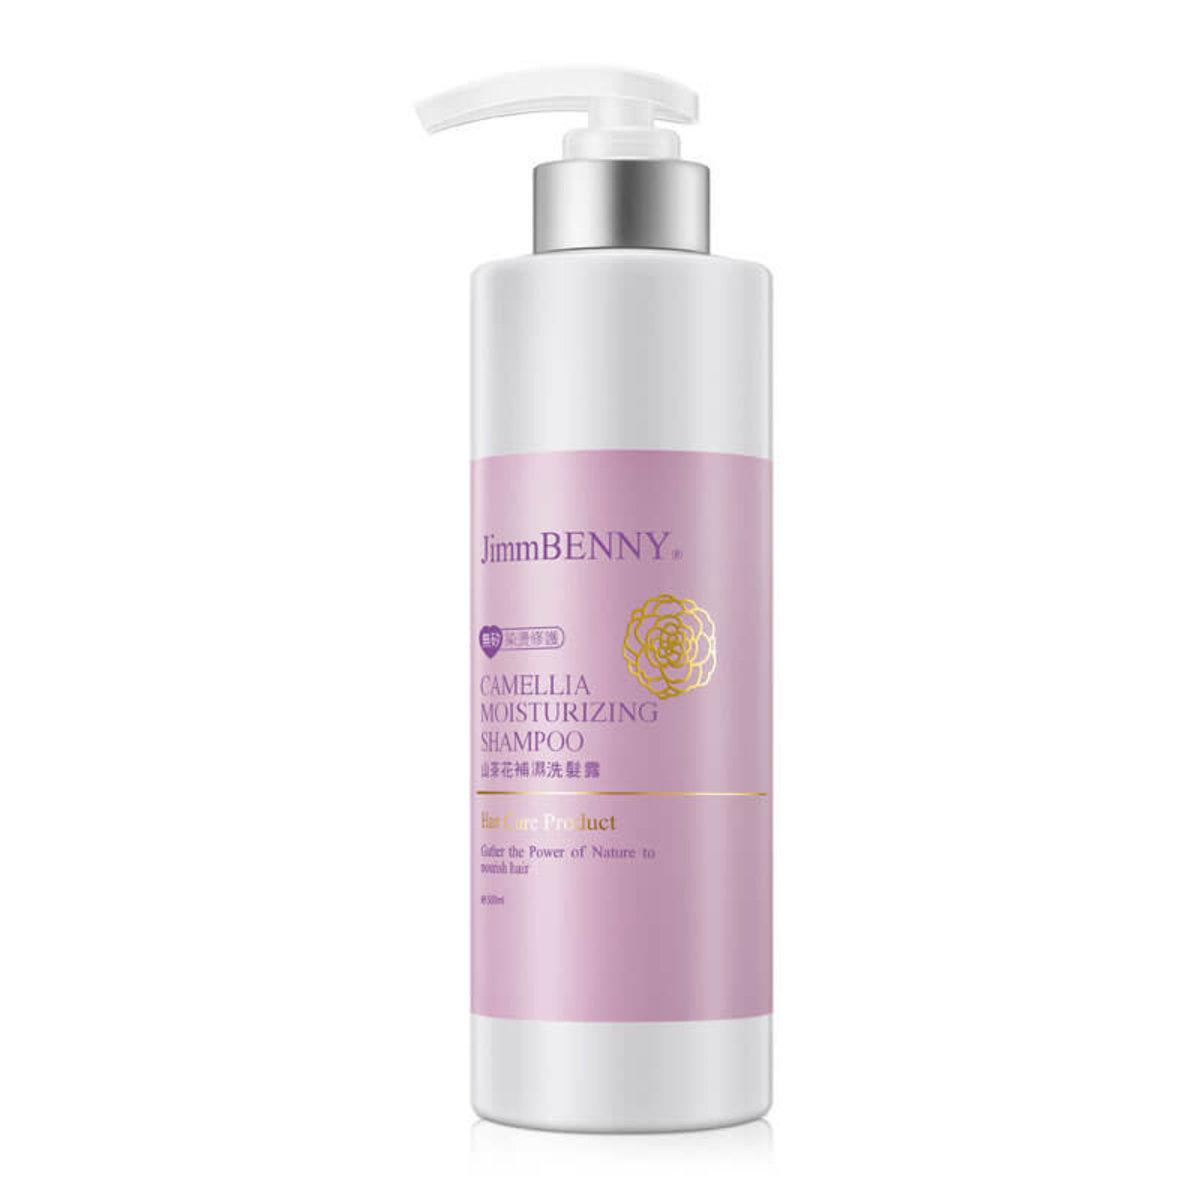 [Silicon-free] Camellia Moisturizing Shampoo